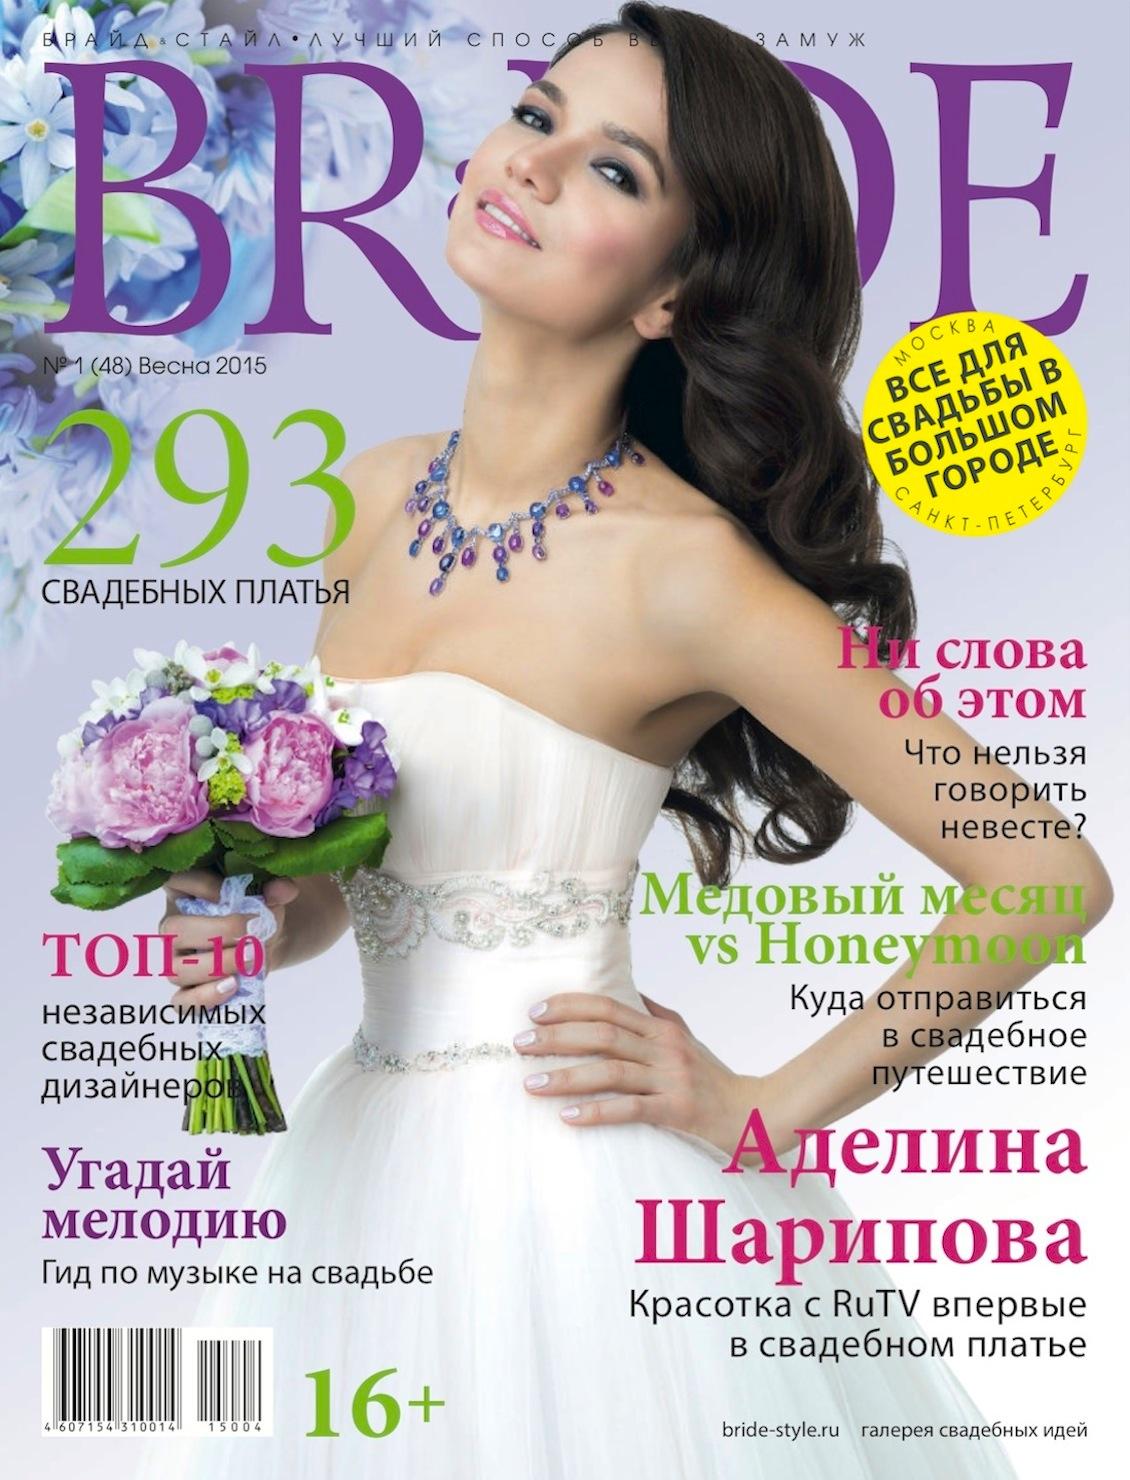 Свадебный журнал BRIDE. Весна 2015